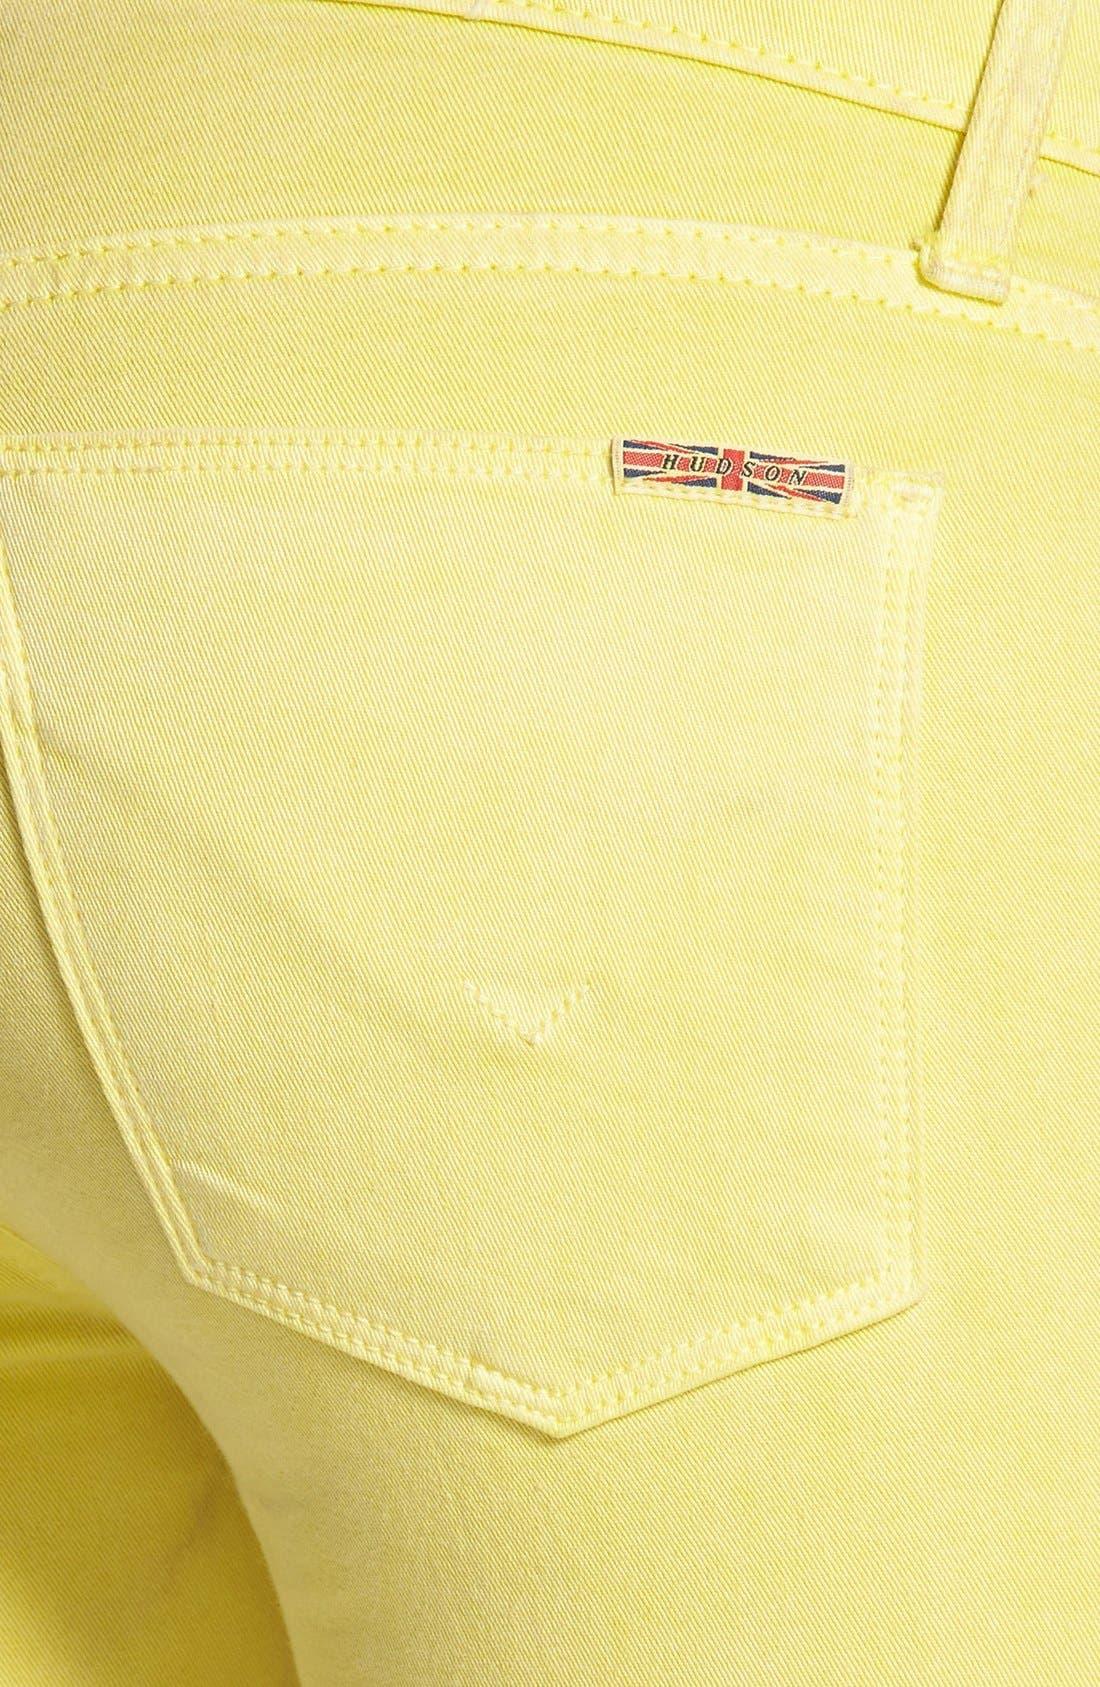 Alternate Image 3  - Hudson Jeans Crop Super Skinny Jeans (Goldmine)